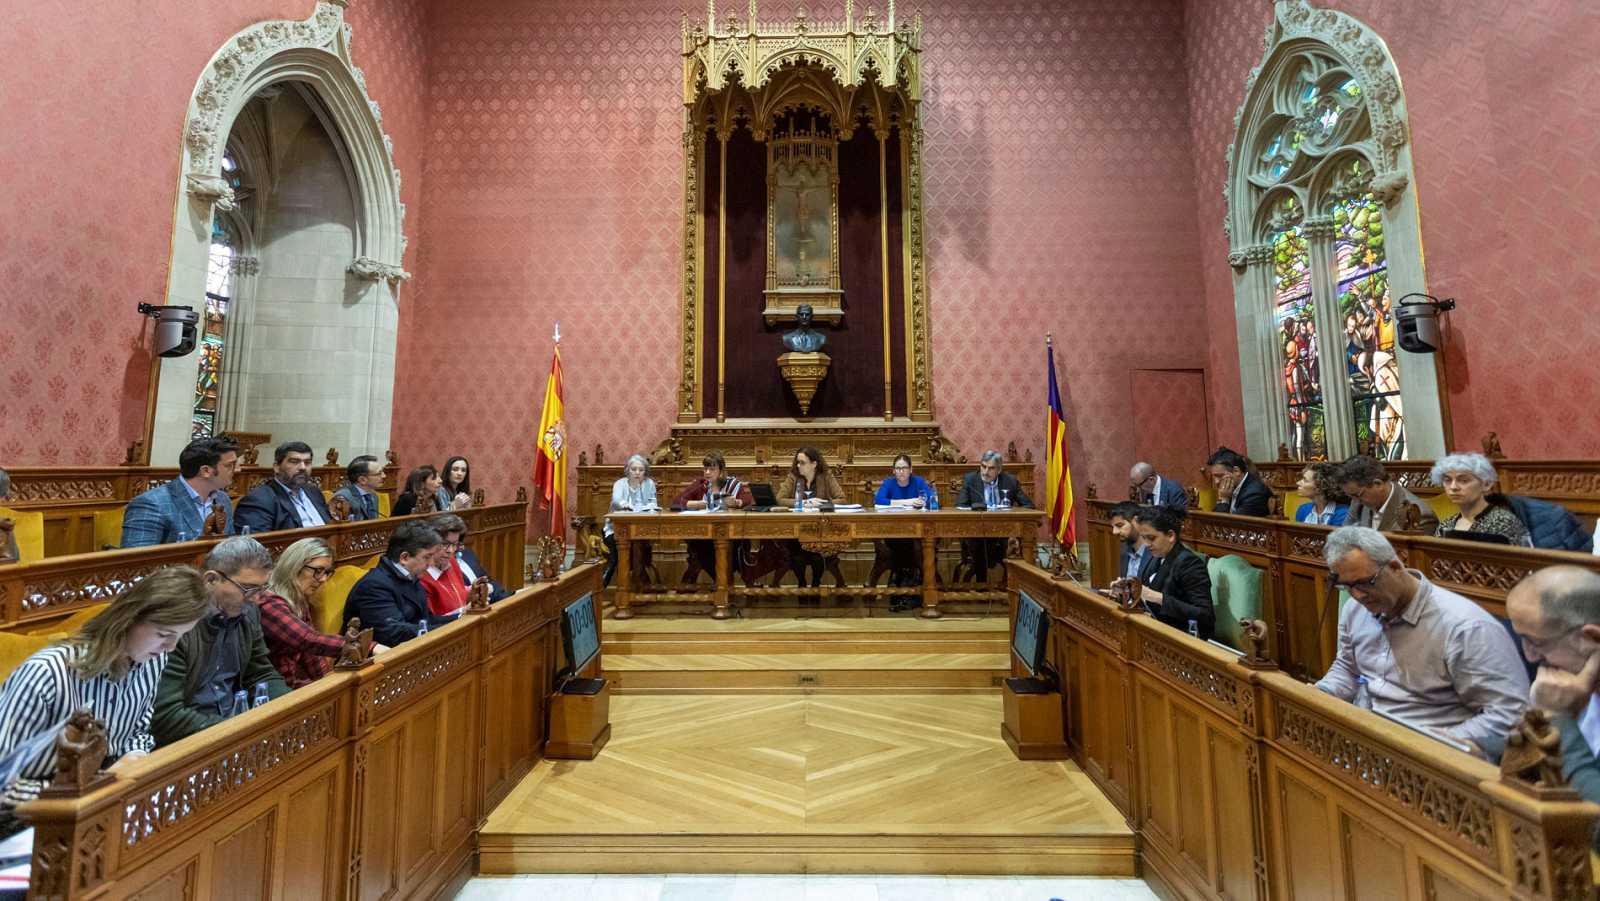 El Consell de Mallorca rechaza investigar la presunta explotación de menores y crea una Comision de Expertos